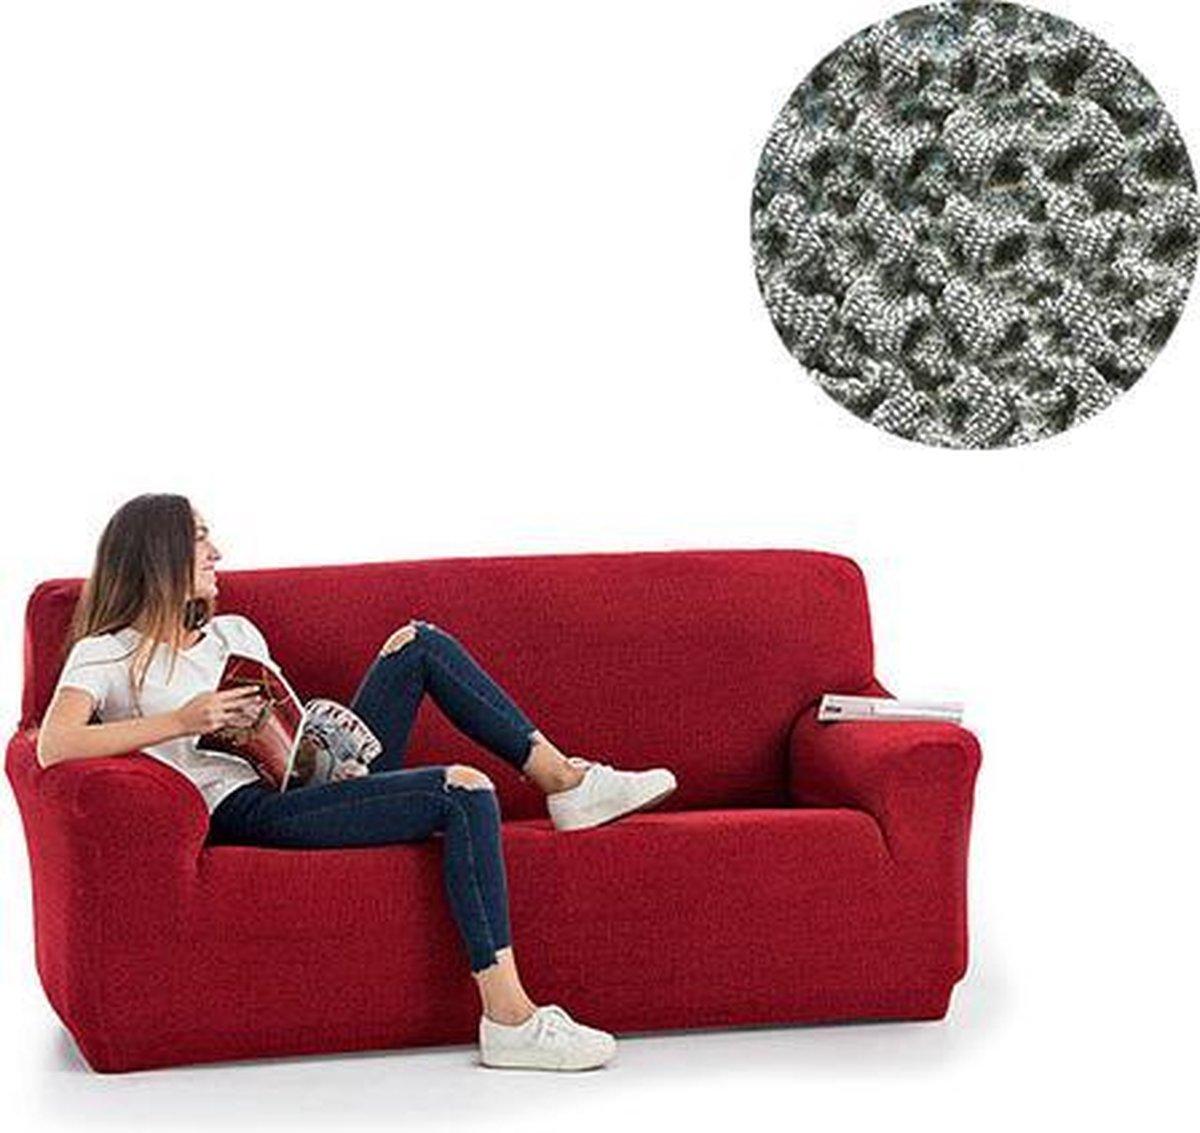 Milos meubelhoezen - Bankhoes 130-180cm - Grijs - Verkrijgbaar in verschillende kleuren!